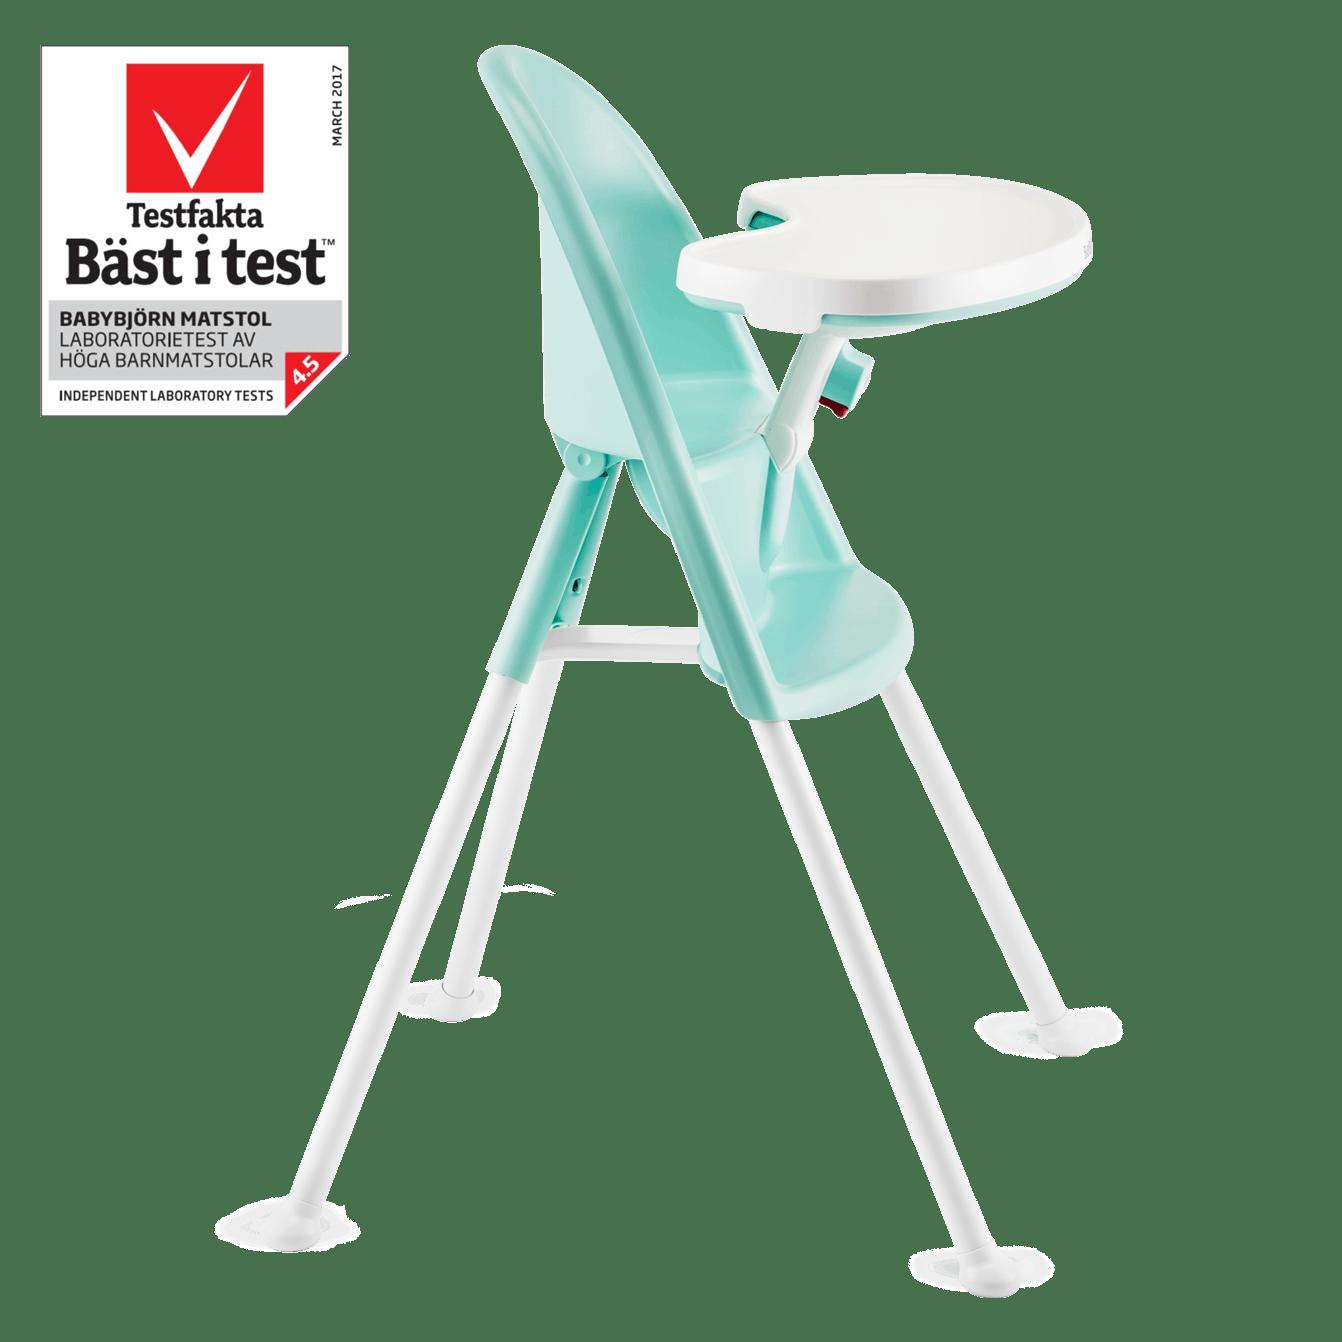 Säker matstol för barn från BABYBJÖRN - Bäst i test